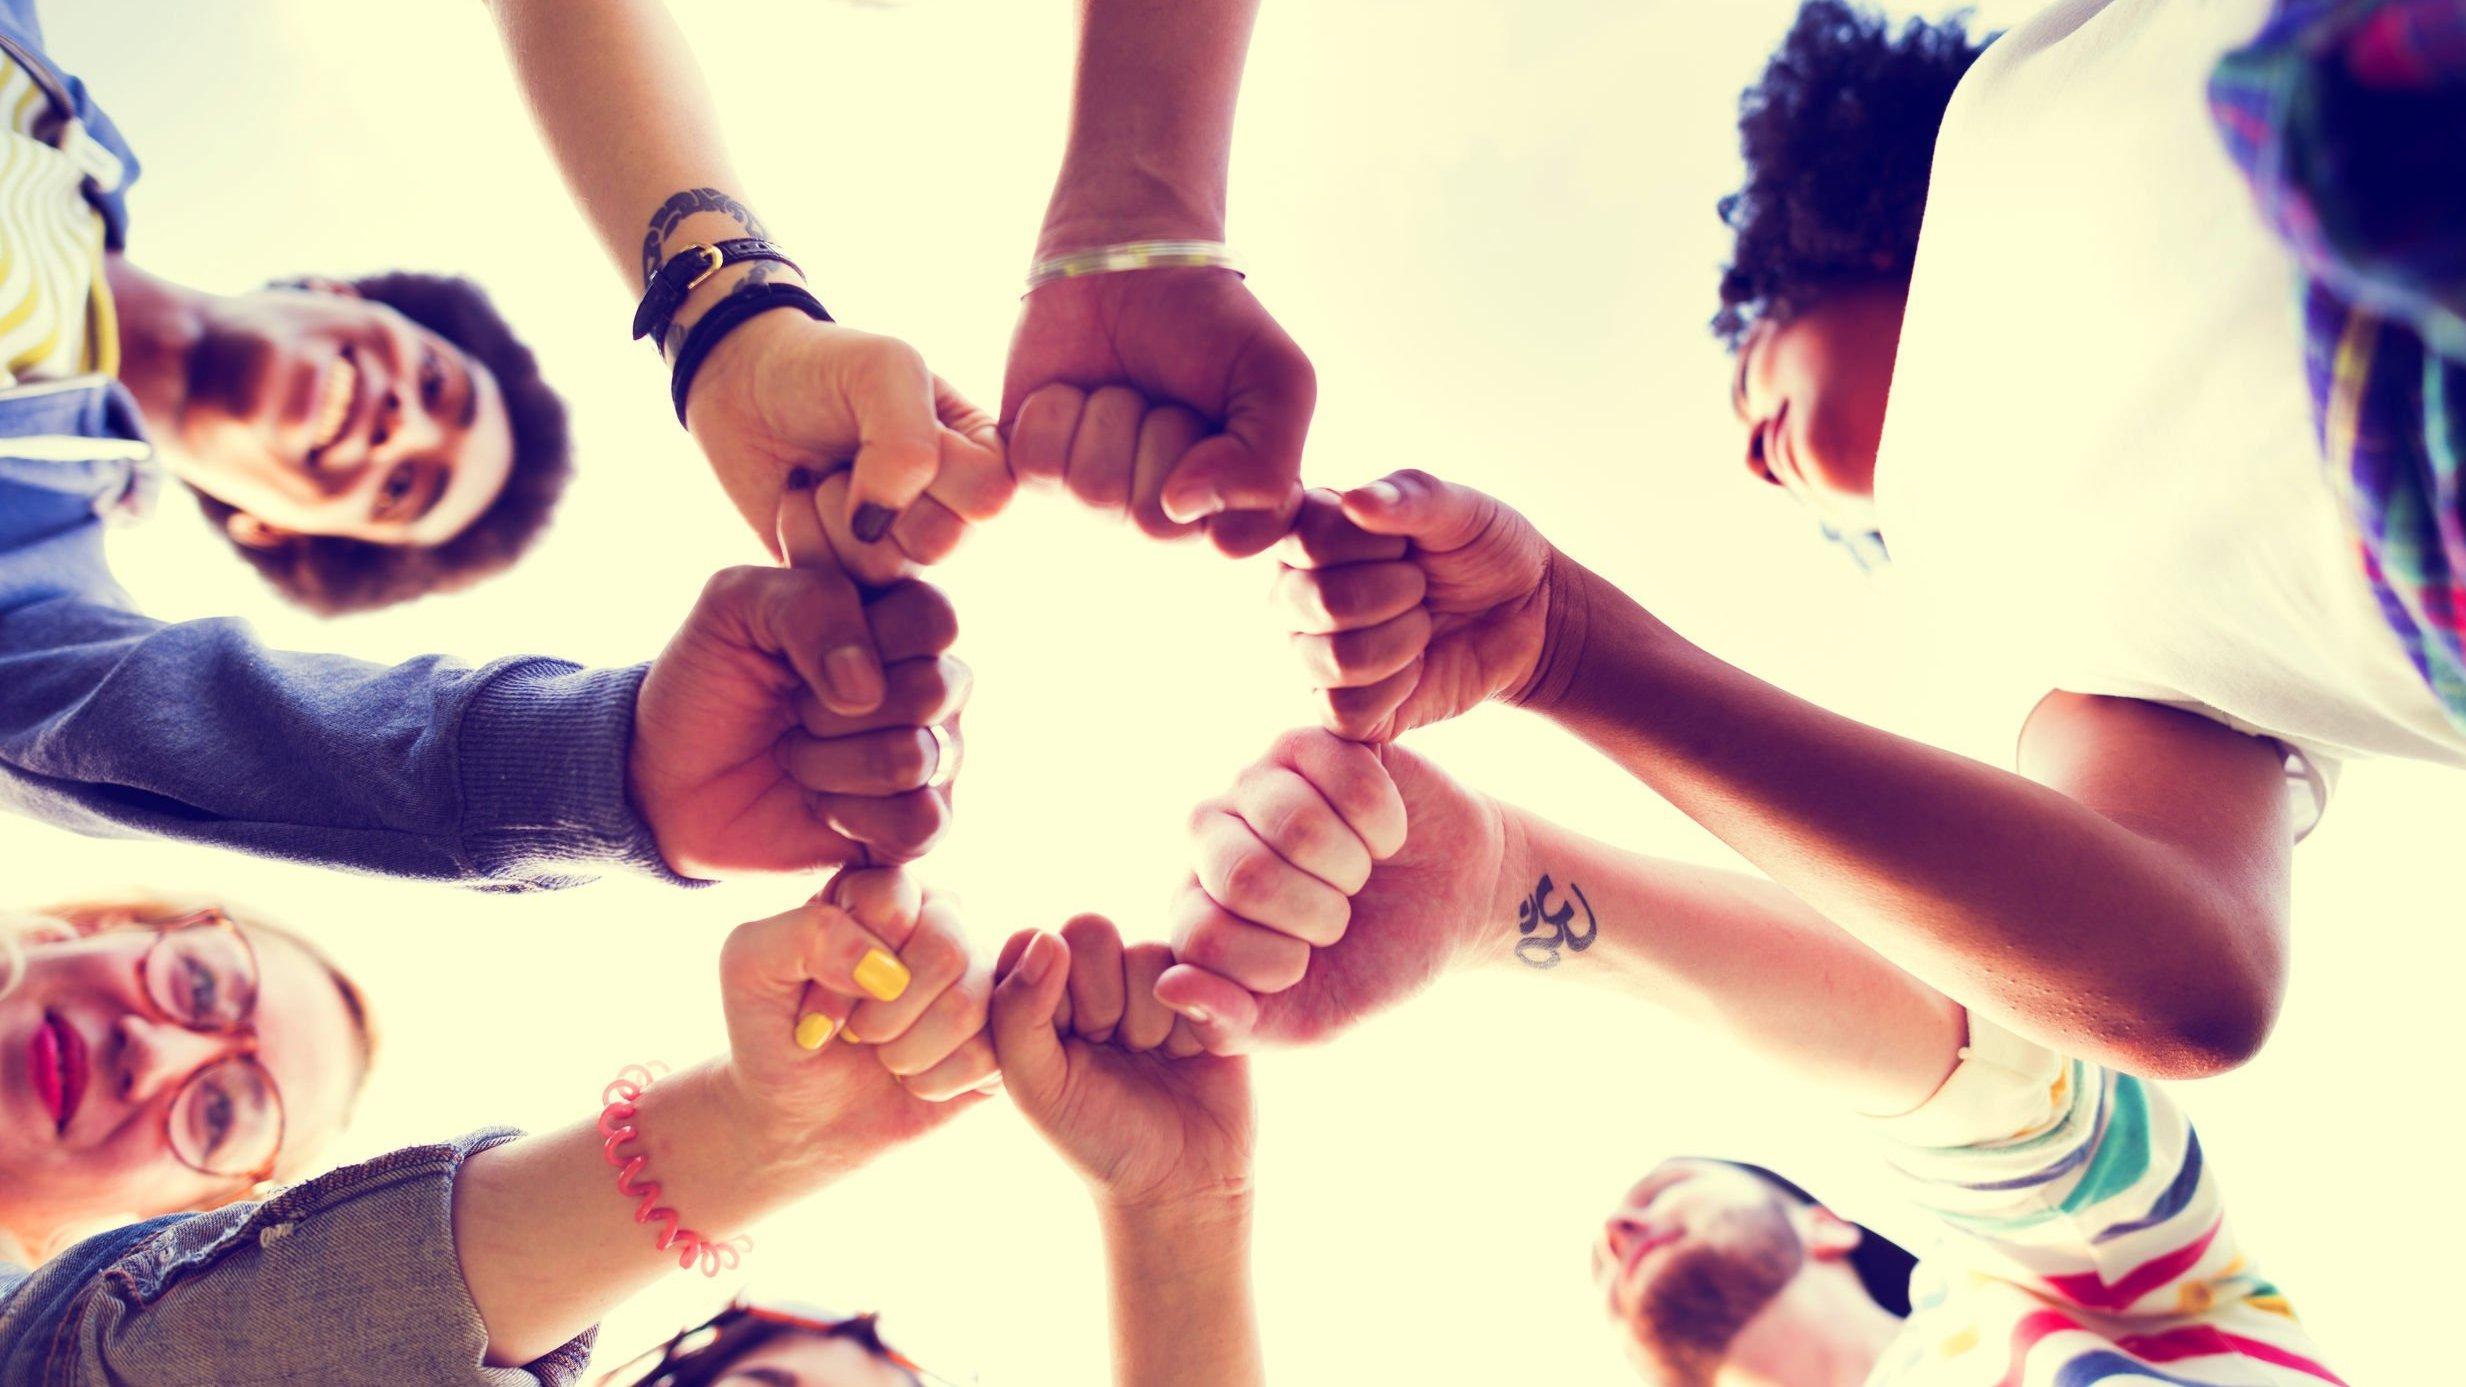 Amigos formando roda e dando as mãos.